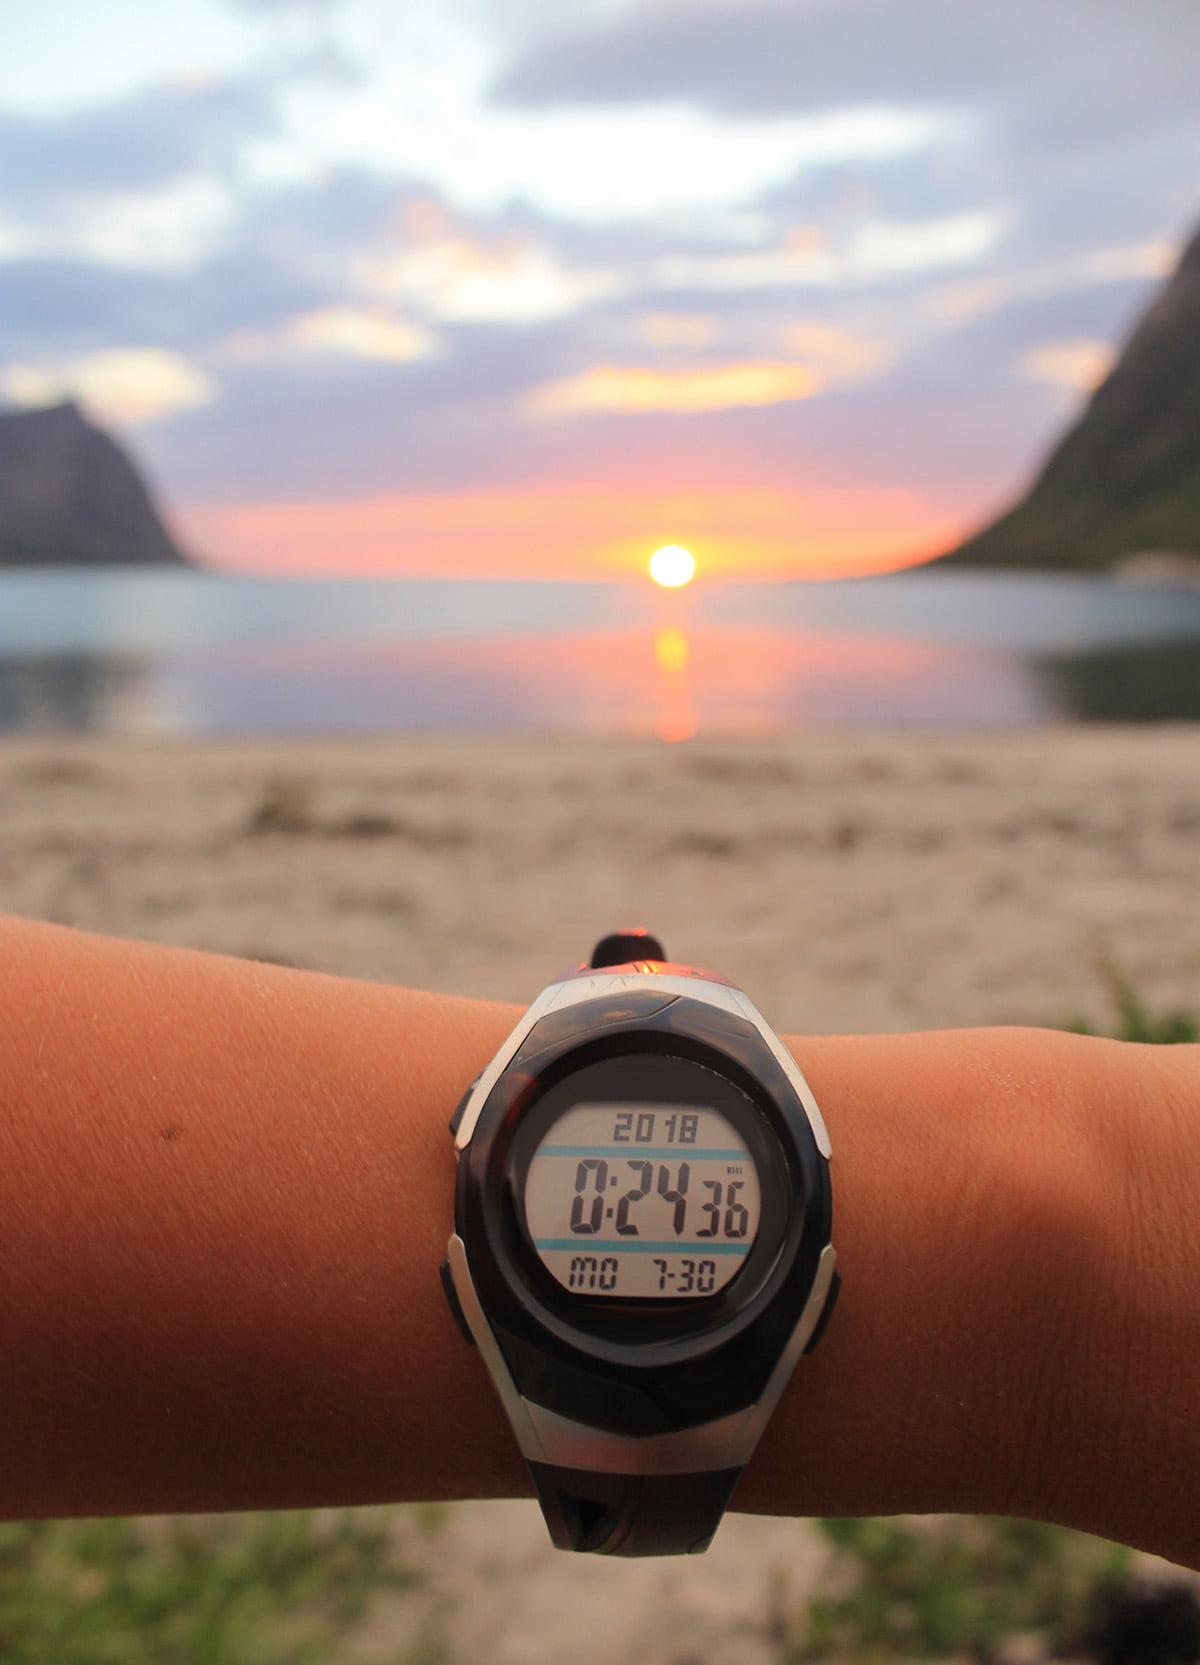 Midnight sun wristwatch in Norway